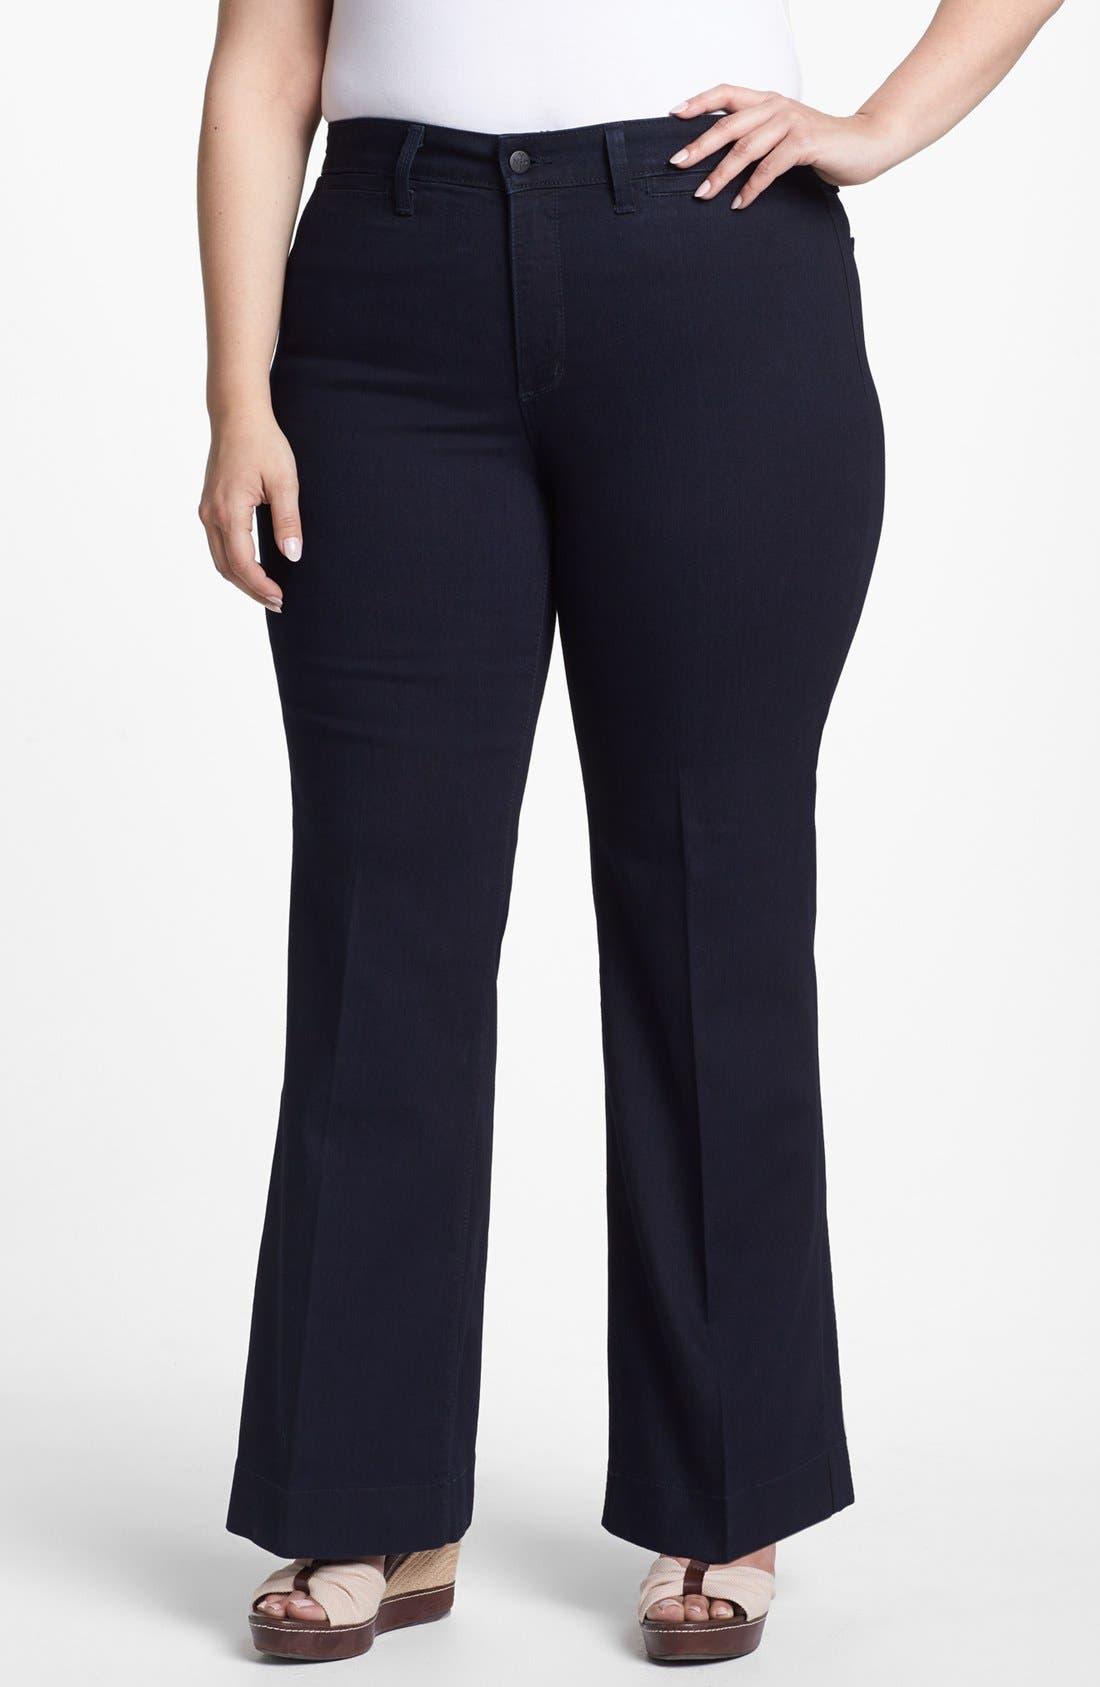 Main Image - NYDJ 'Greta' Trouser Jeans (Plus Size)